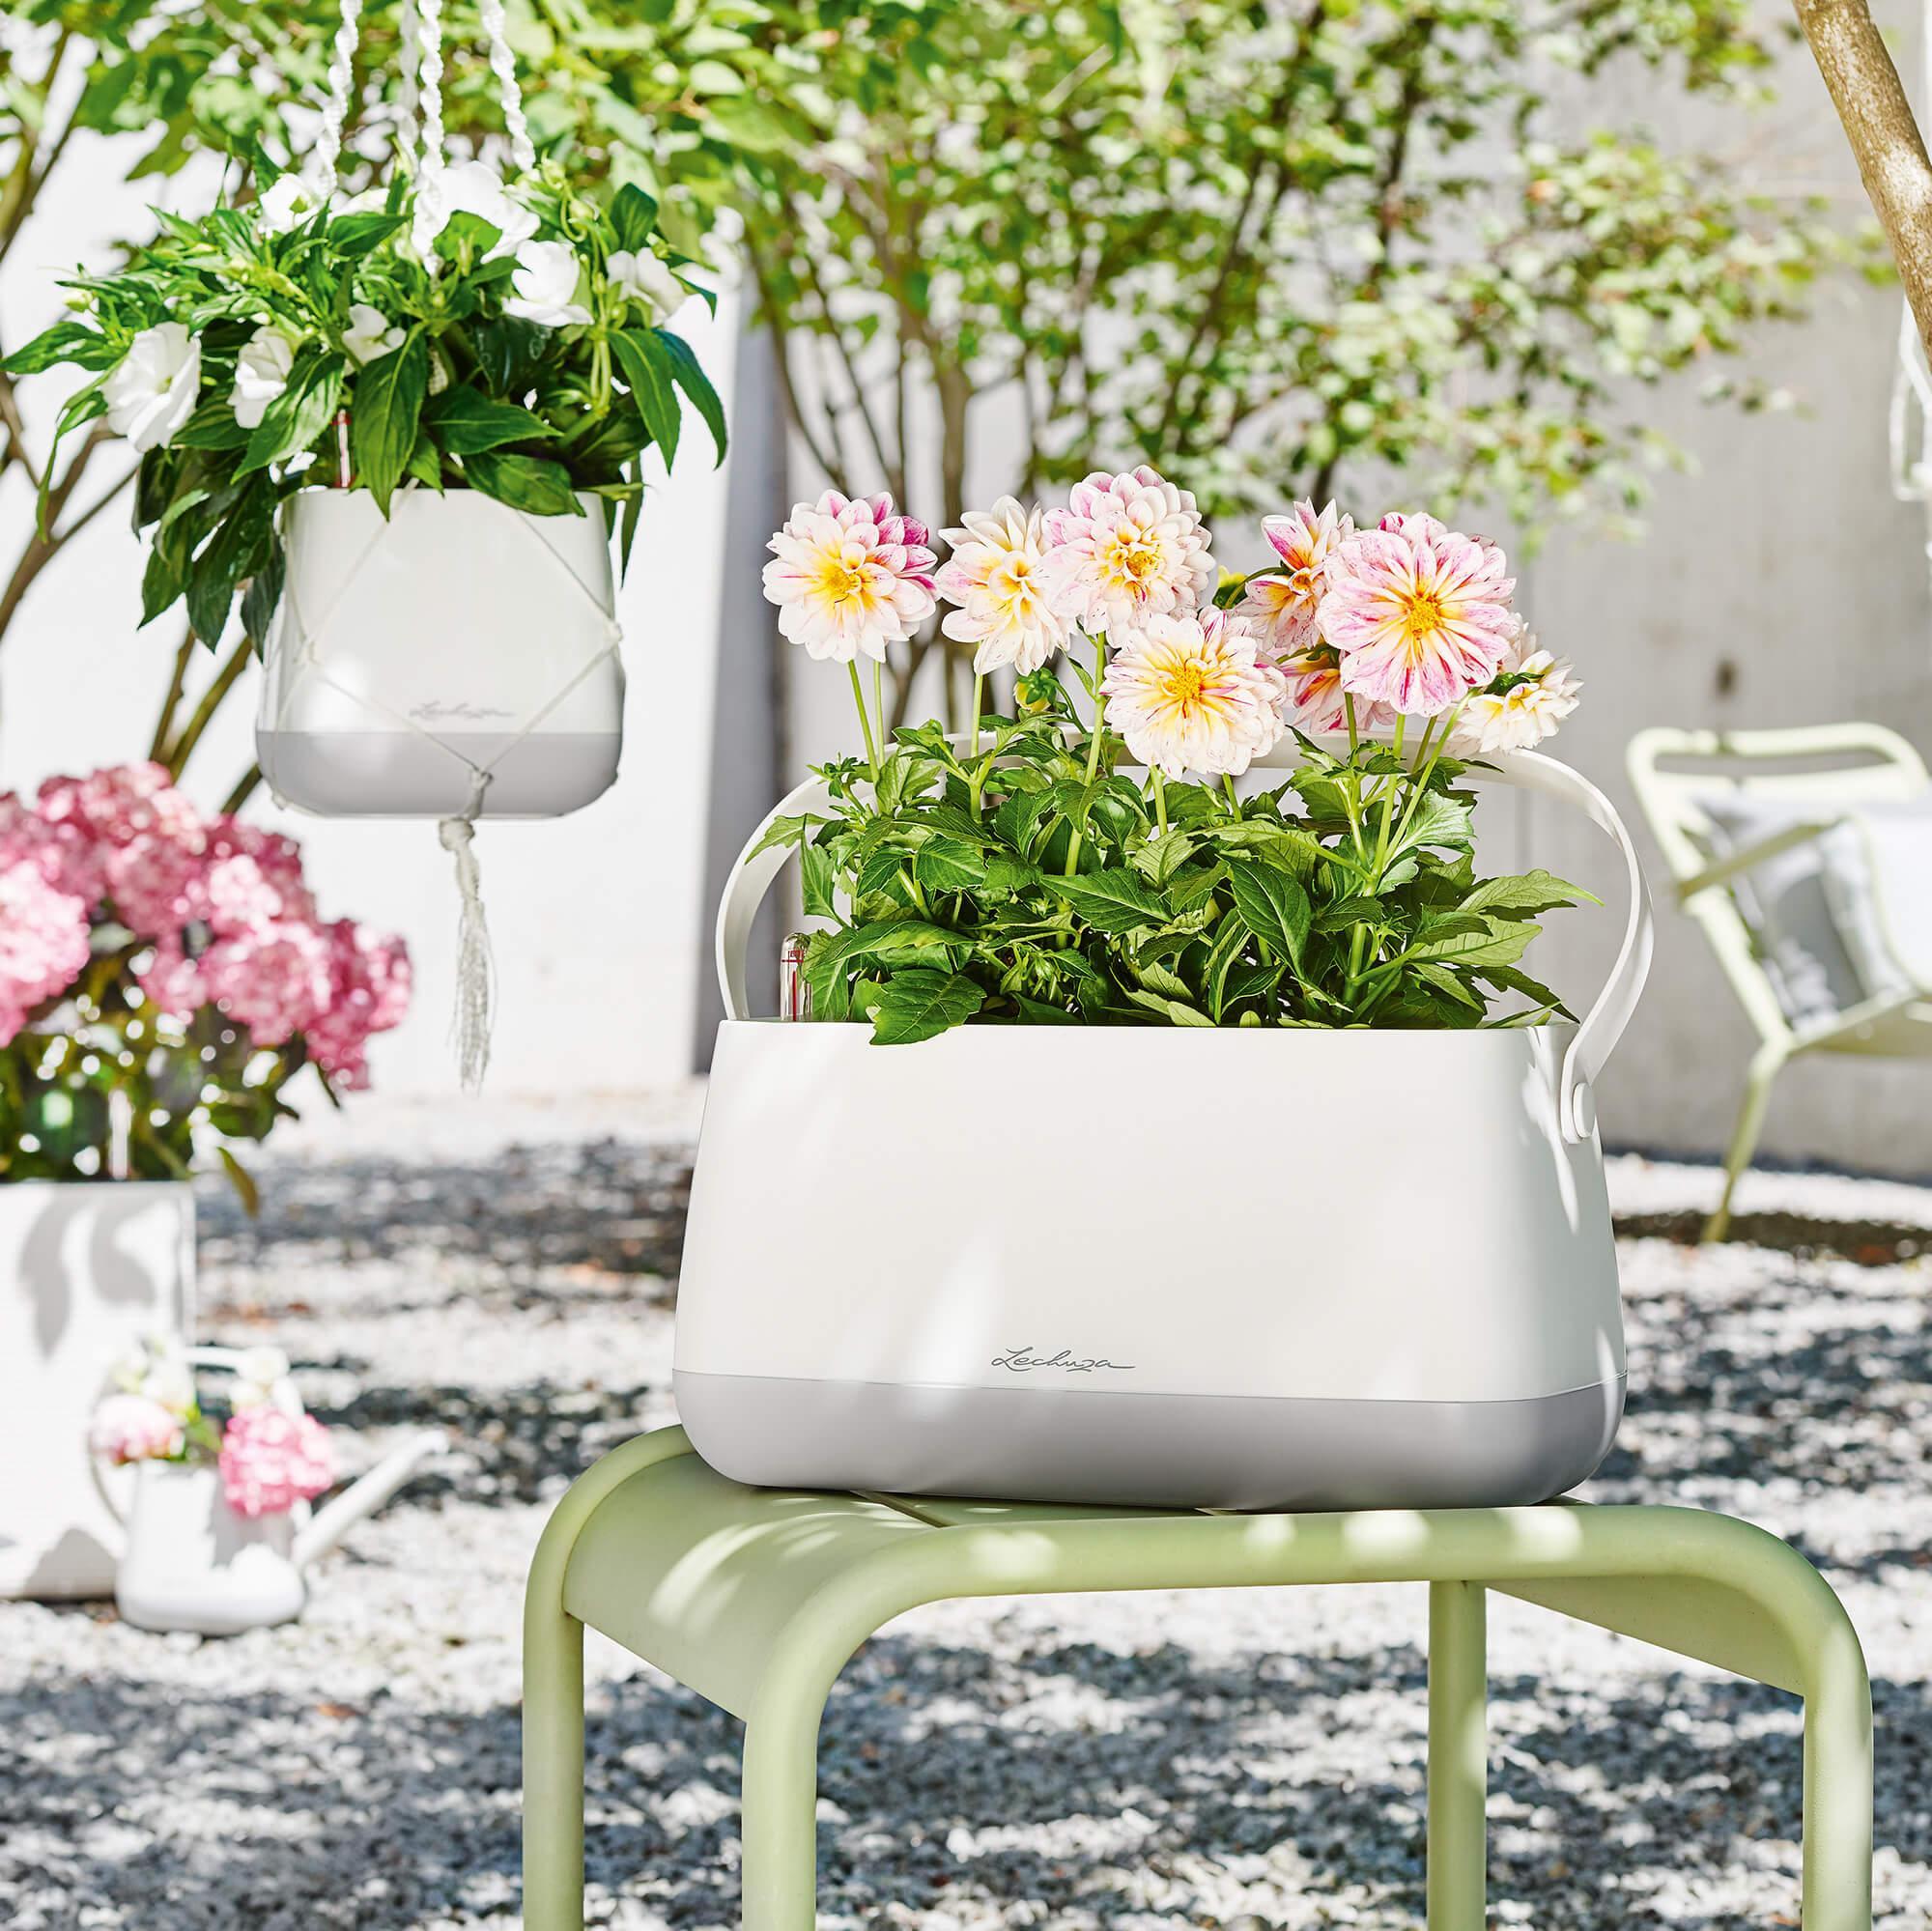 le_tw-urban-gardening_yula_gr